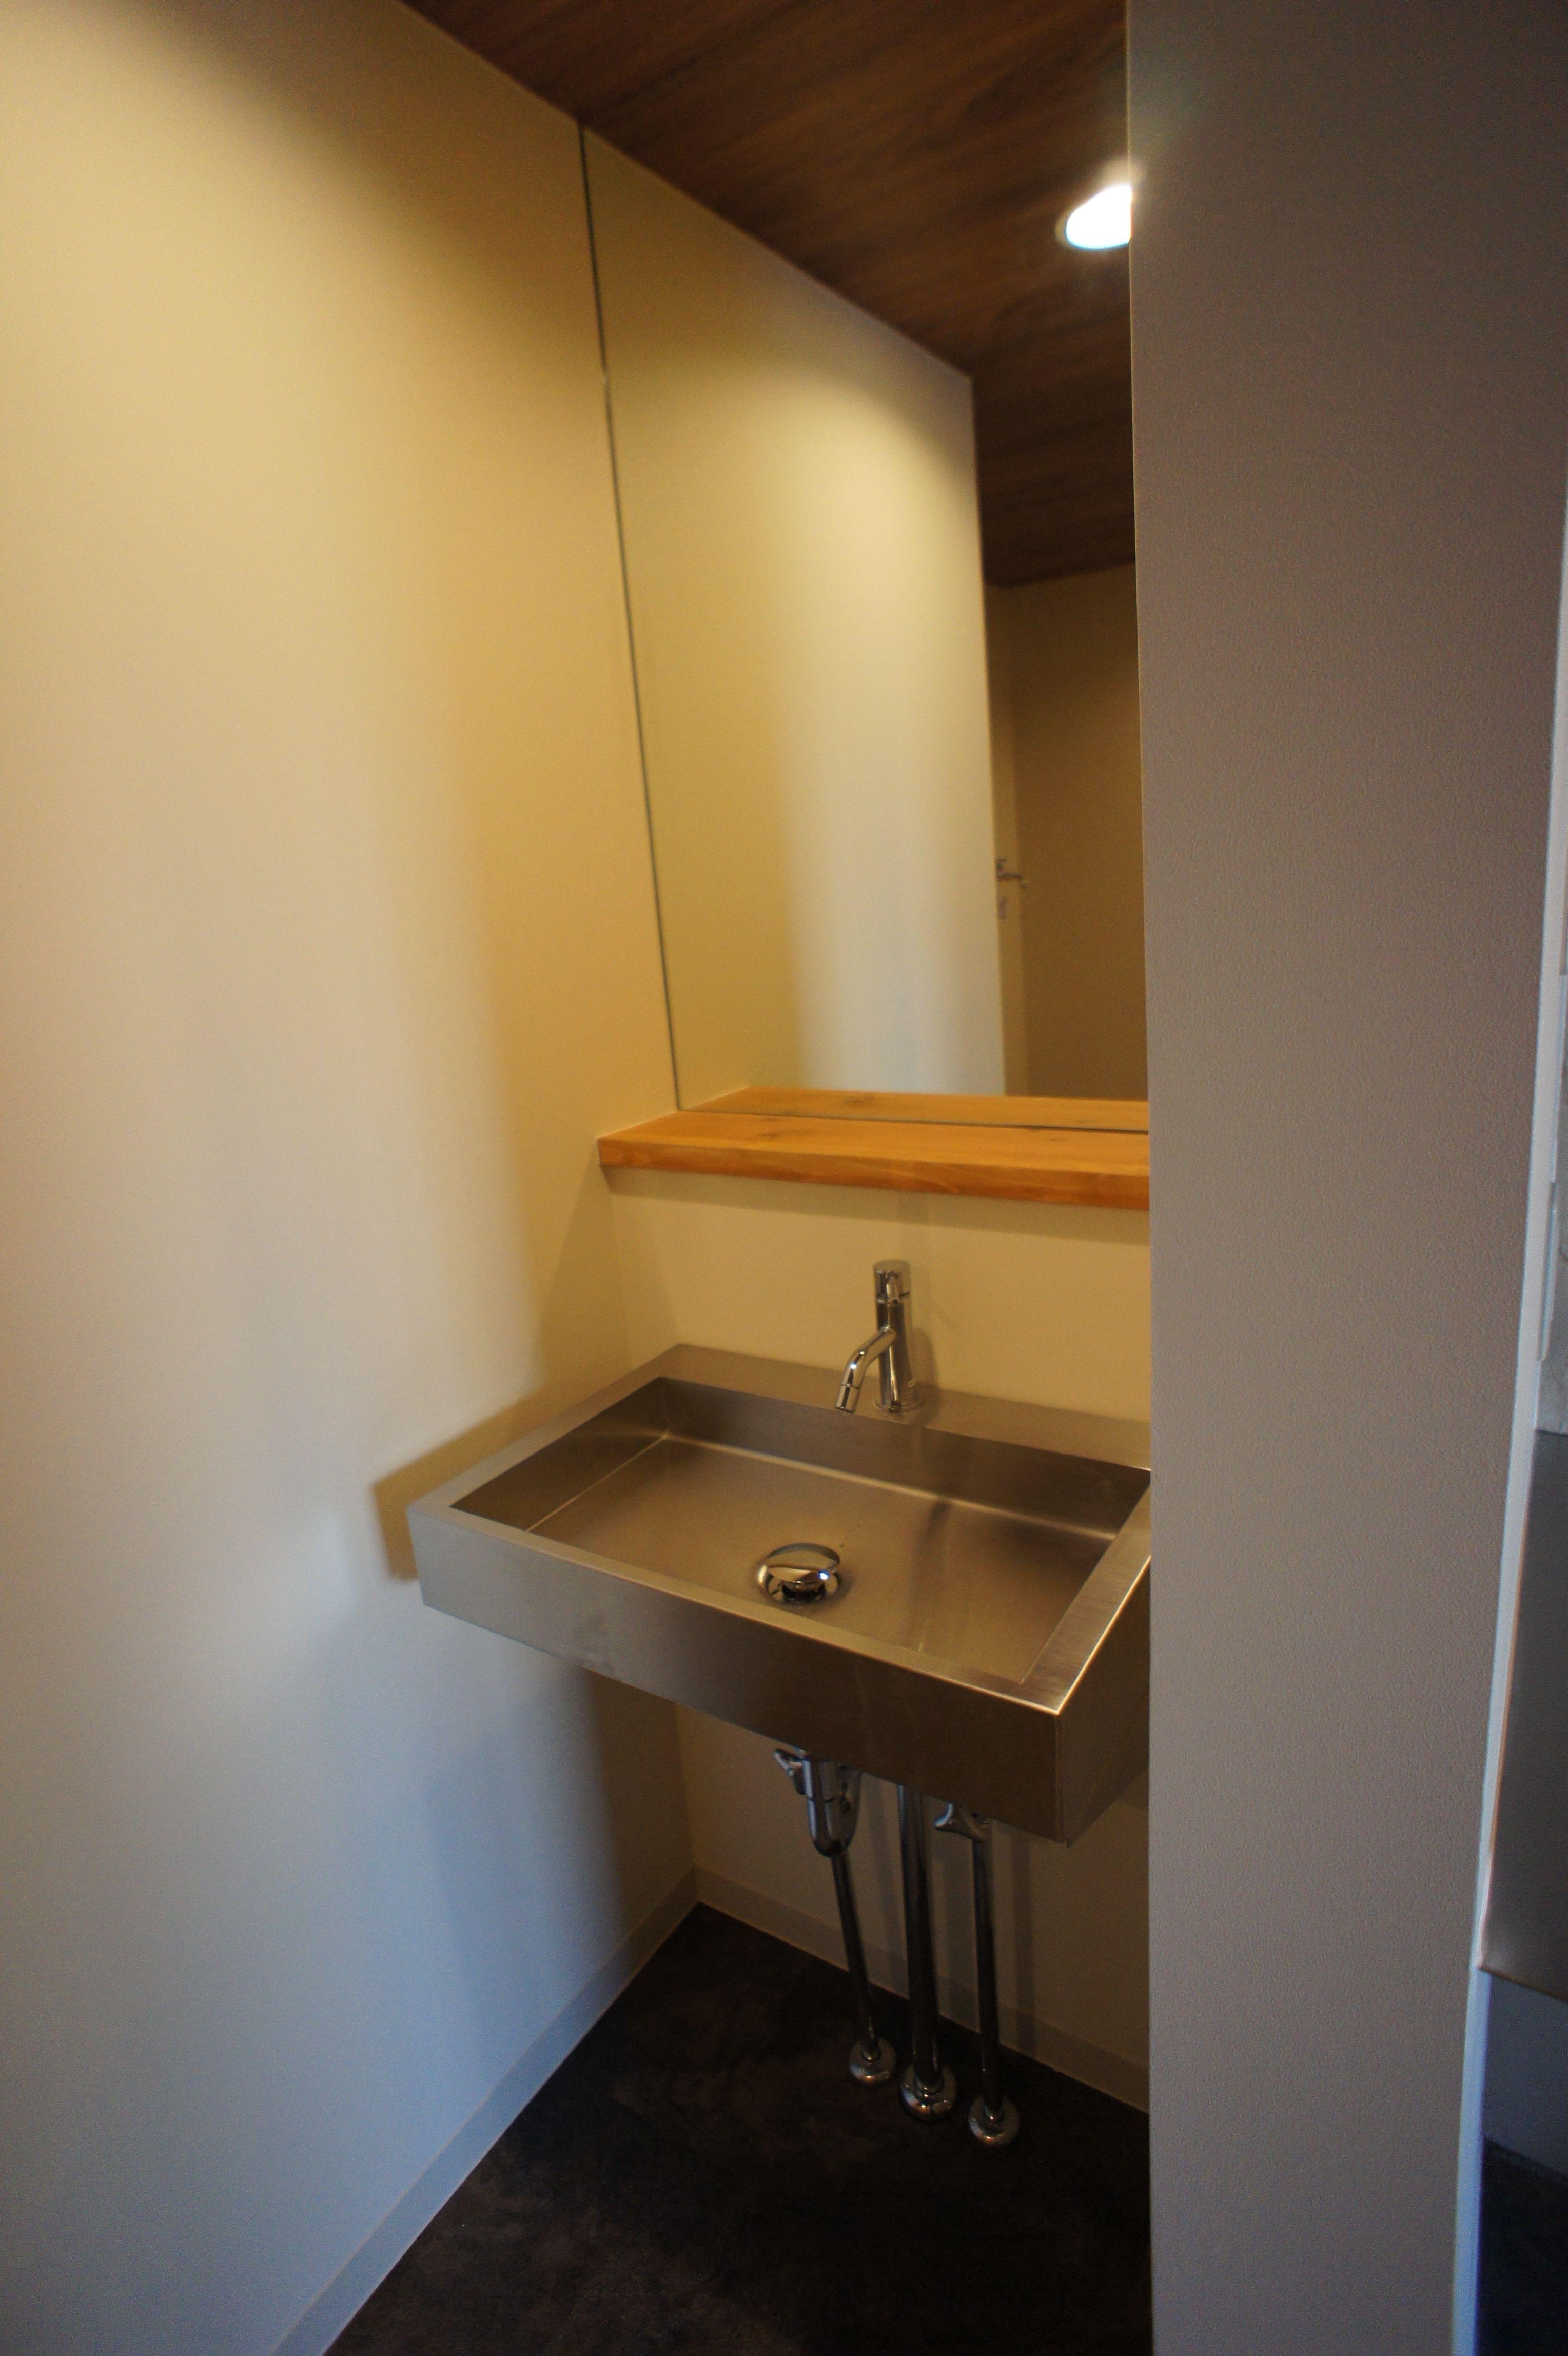 ステンレス製の洗面台 洗面台 シャワールーム 家